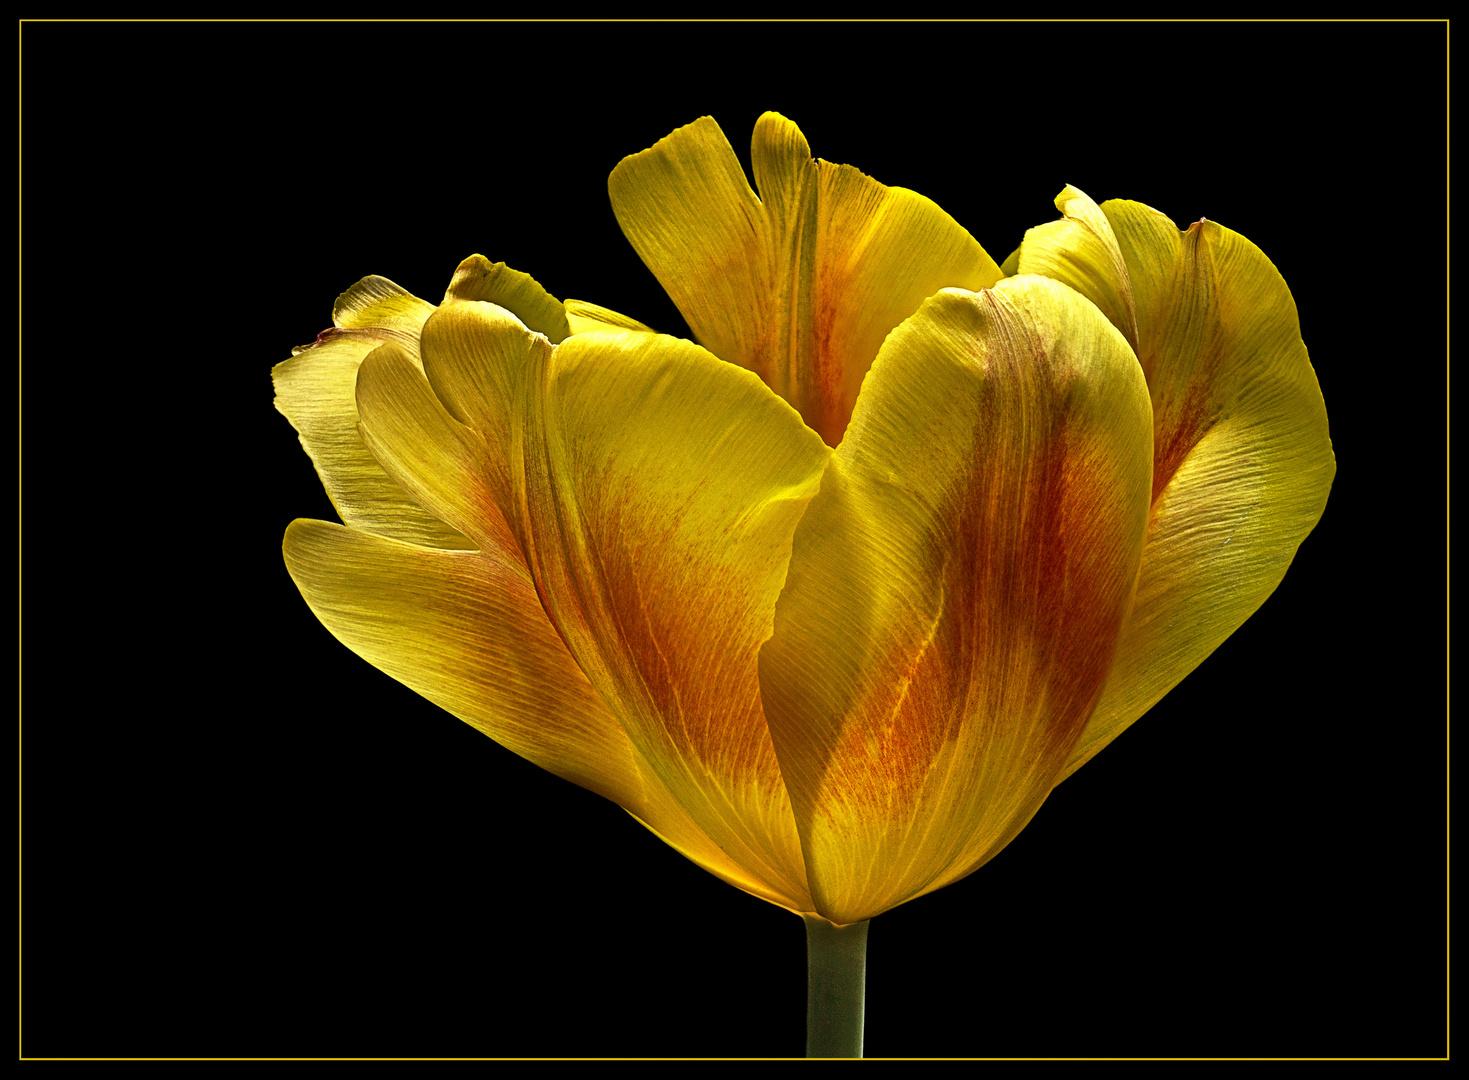 Mit dieser Januar-Tulpe aus dem Gartencenter .. möchte ich zarte Frühlingsgefühle wecken